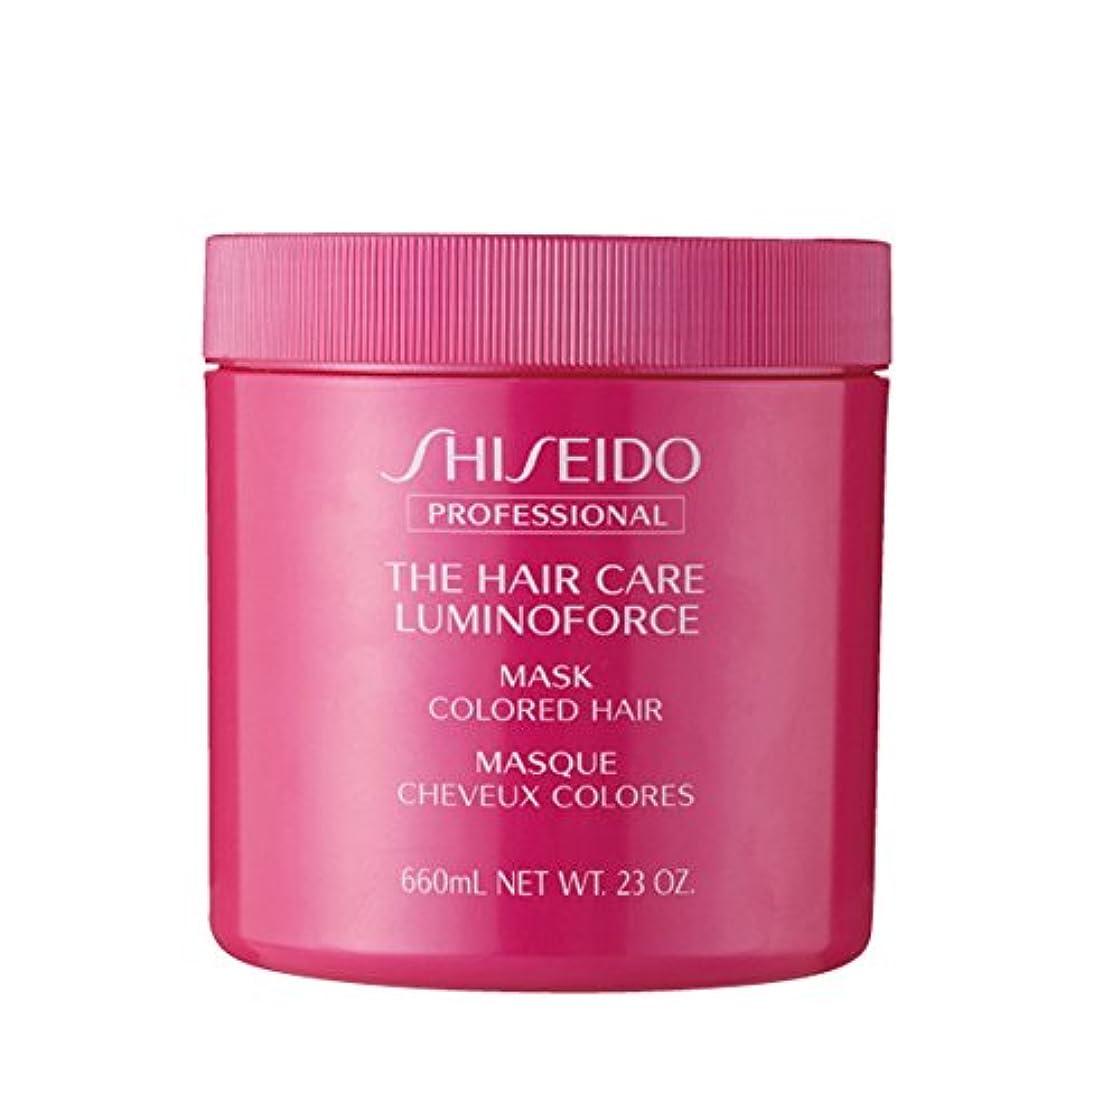 五十浮浪者石の資生堂 THC ルミノフォースマスク 680g ×2個 セットヘアカラーを繰り返したごわついた髪を、芯からしなやかでつややかな髪へSHISEIDO LUMINOFORCE